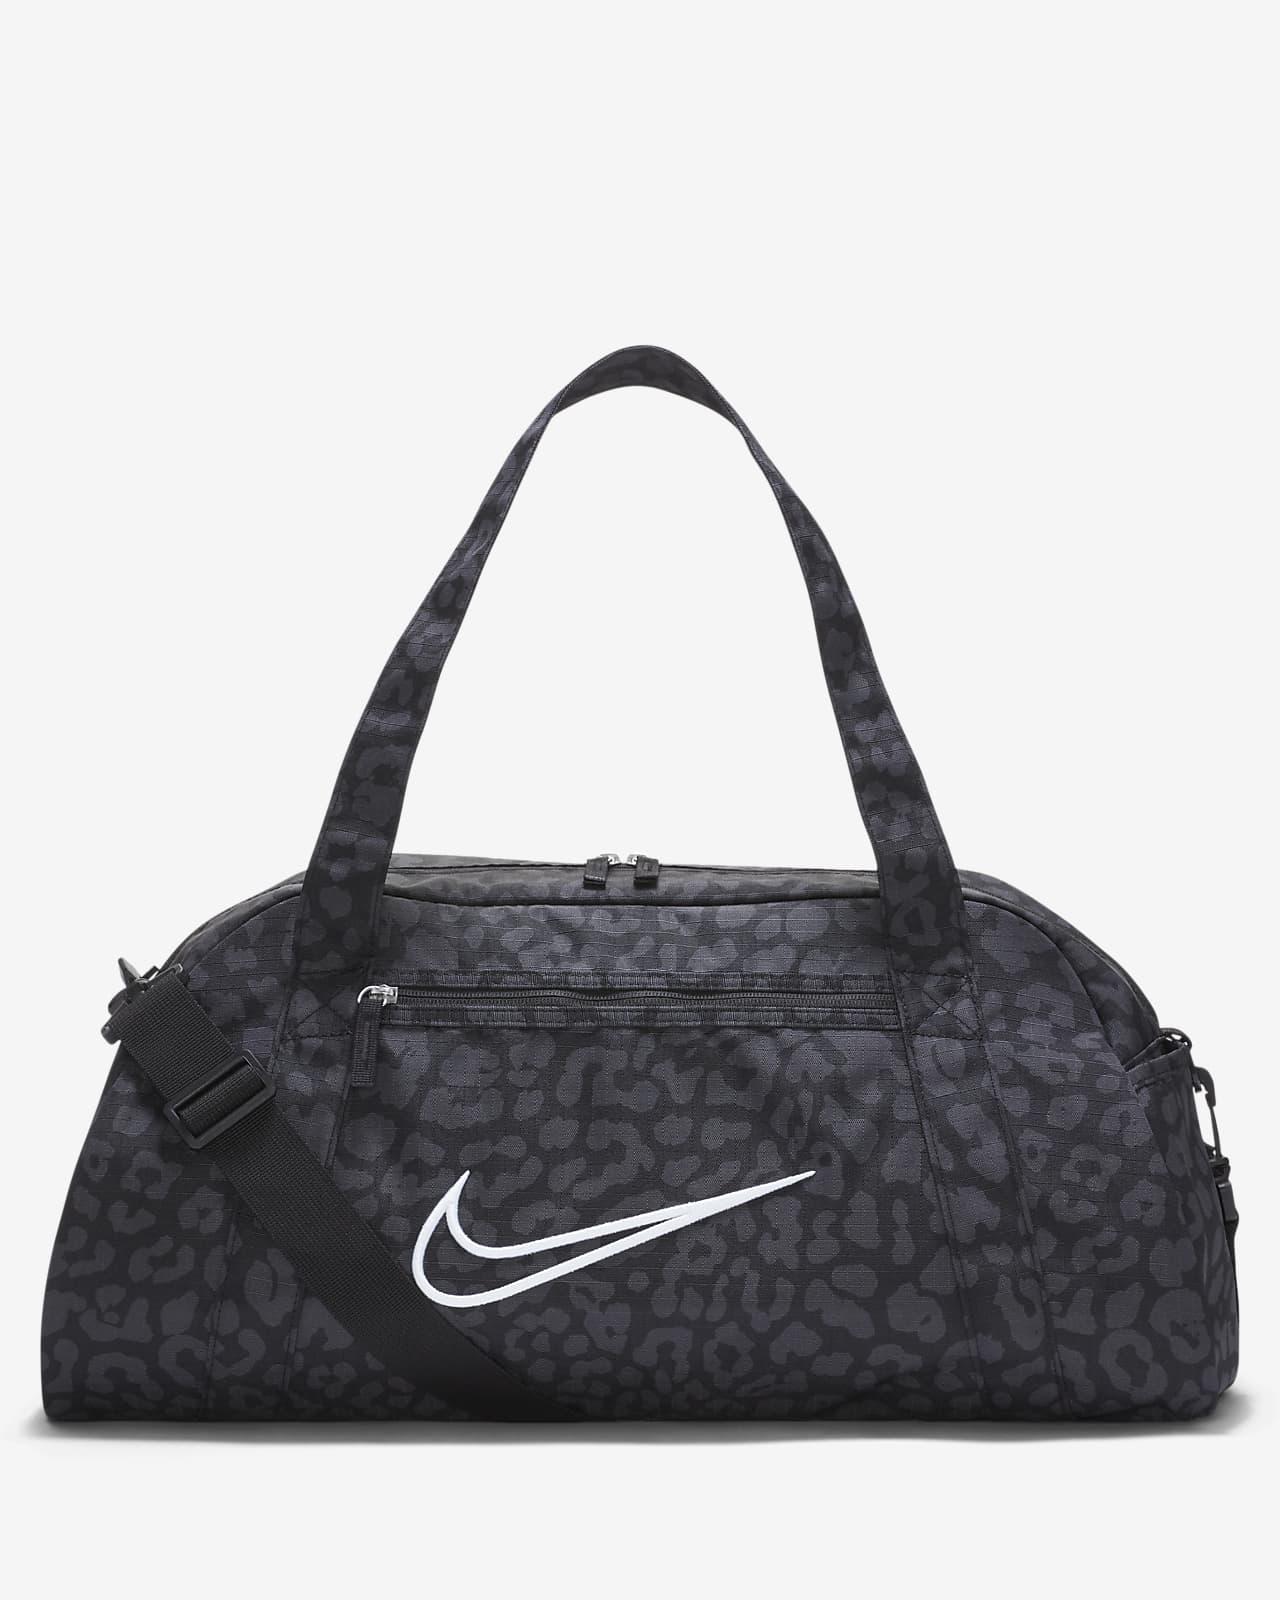 กระเป๋า Duffel เทรนนิ่งผู้หญิงพิมพ์ลาย Nike Gym Club